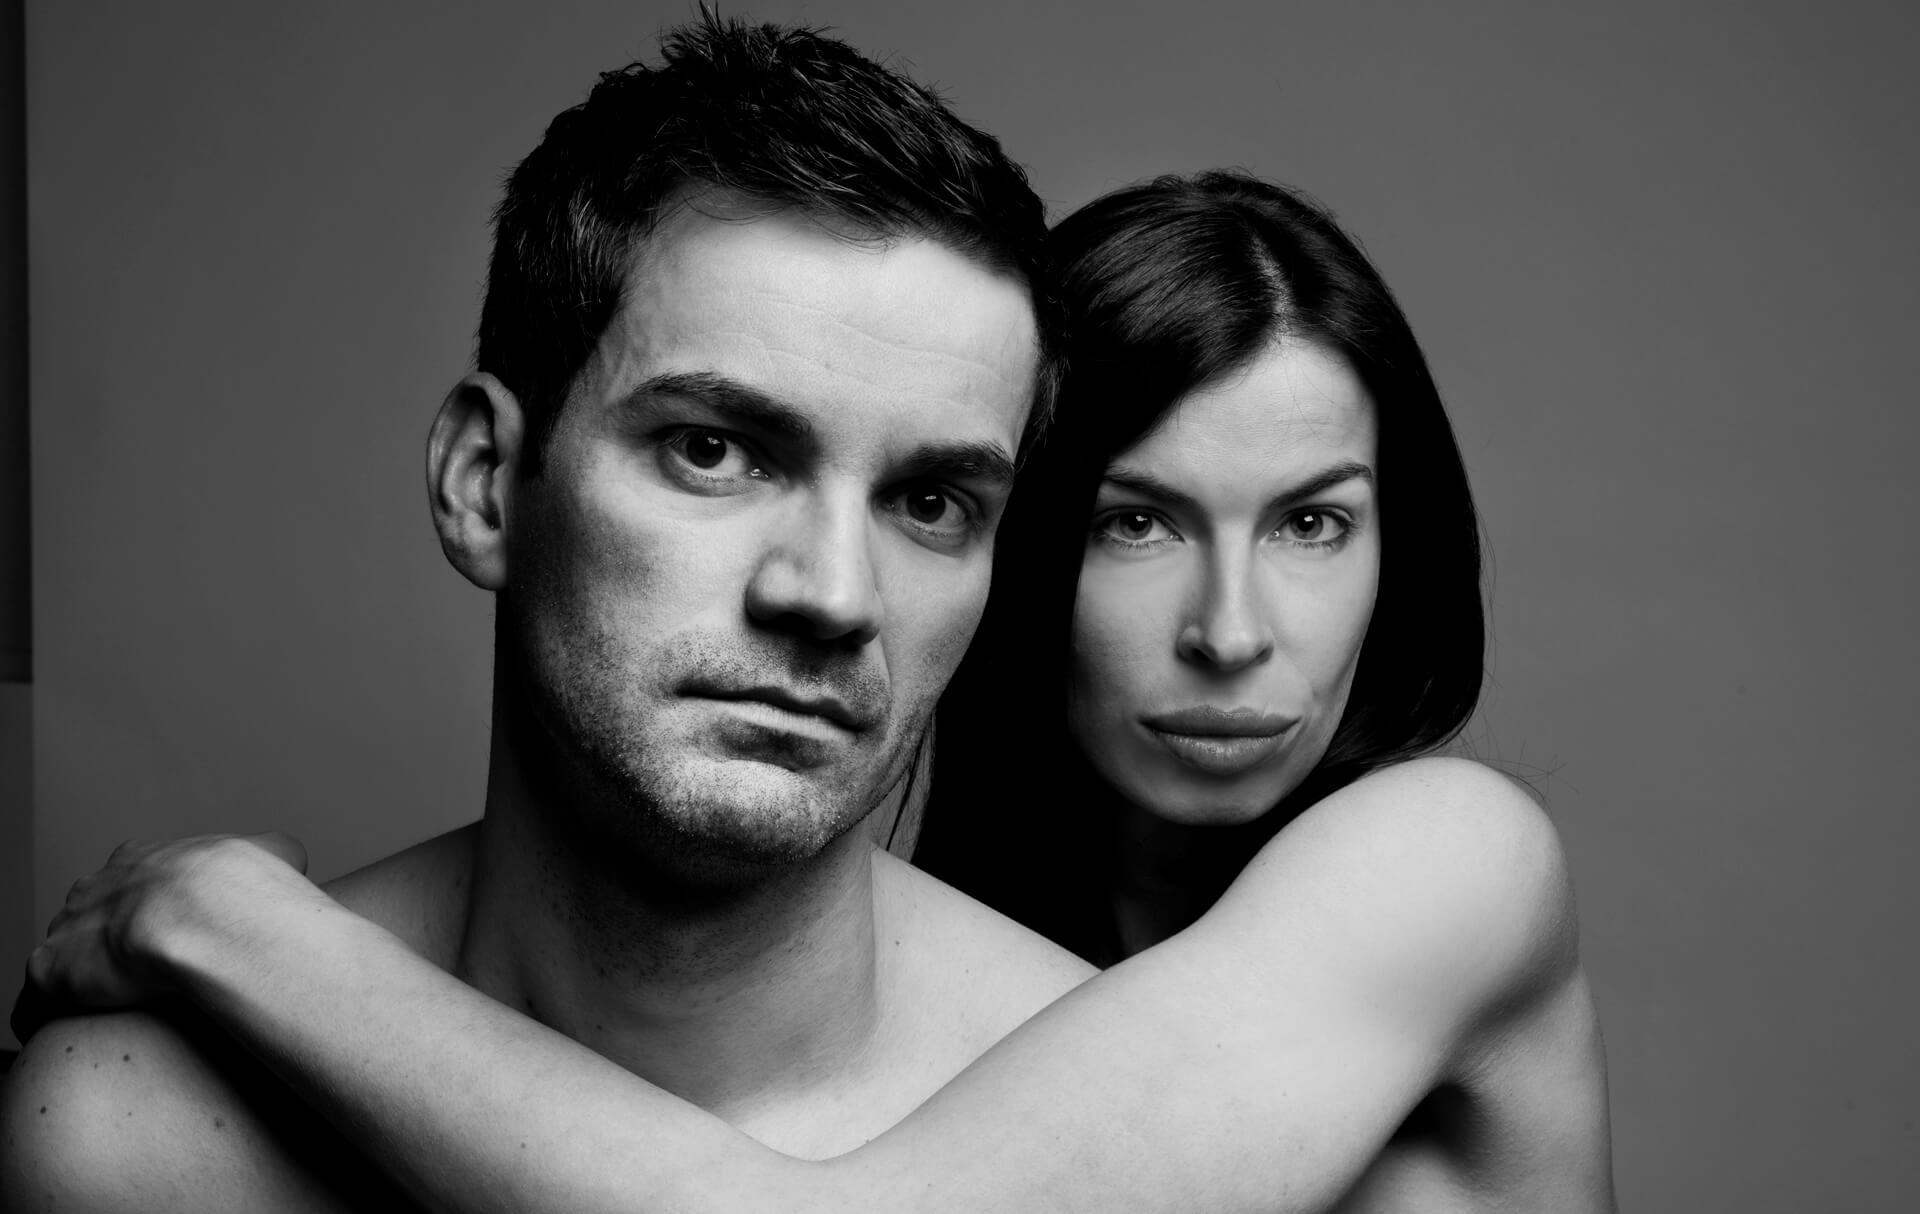 Paarshooting Paar schwarz-weiss, Mann und Frau im Fotostudio, oben ohne, schwarz-weiss